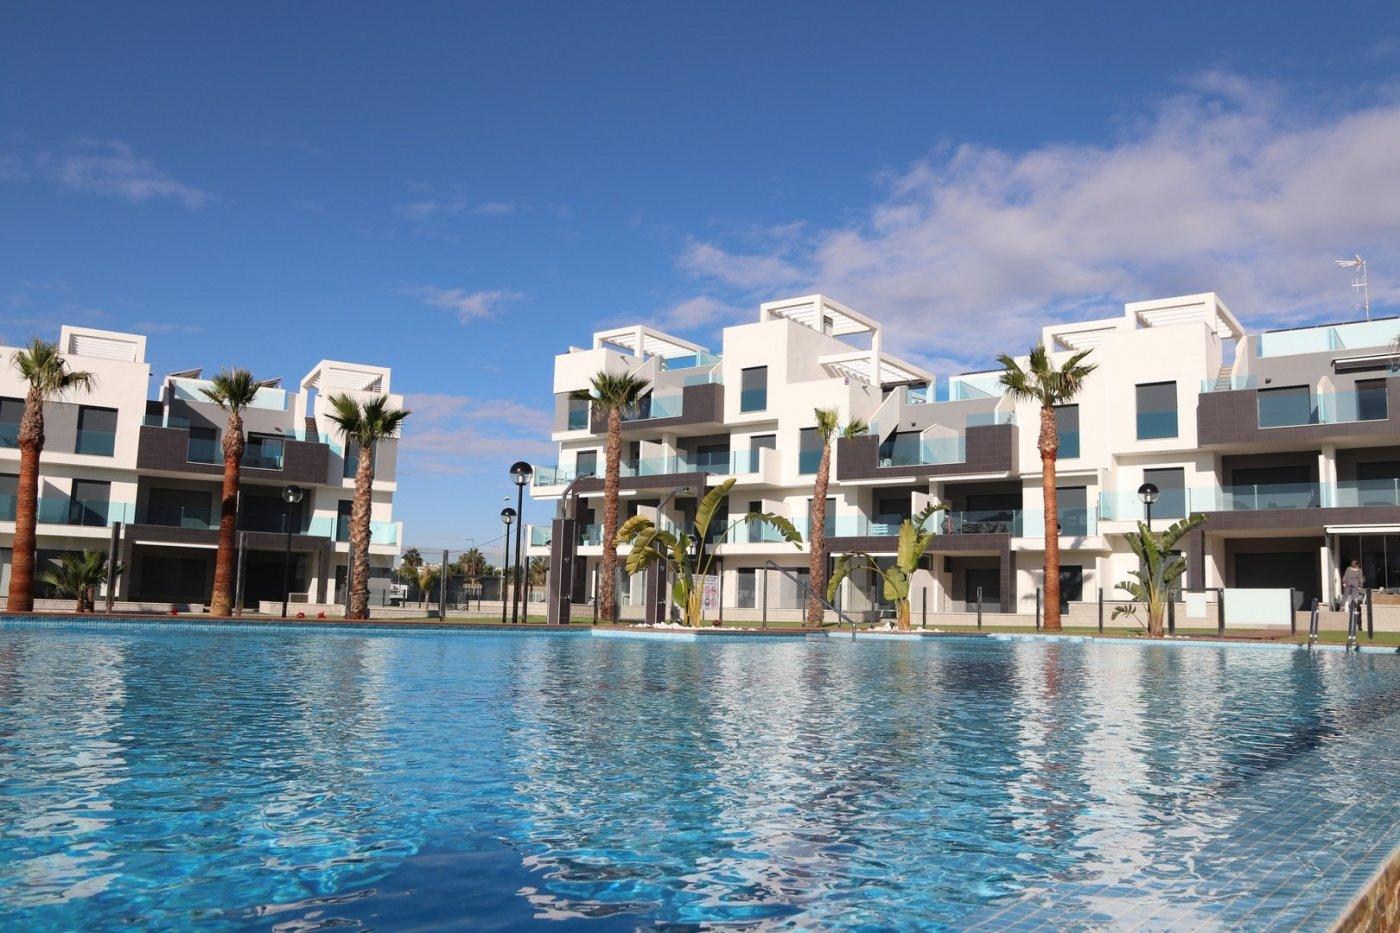 Nuevo complejo residencial en el raso (guardamar)!!! - imagenInmueble31